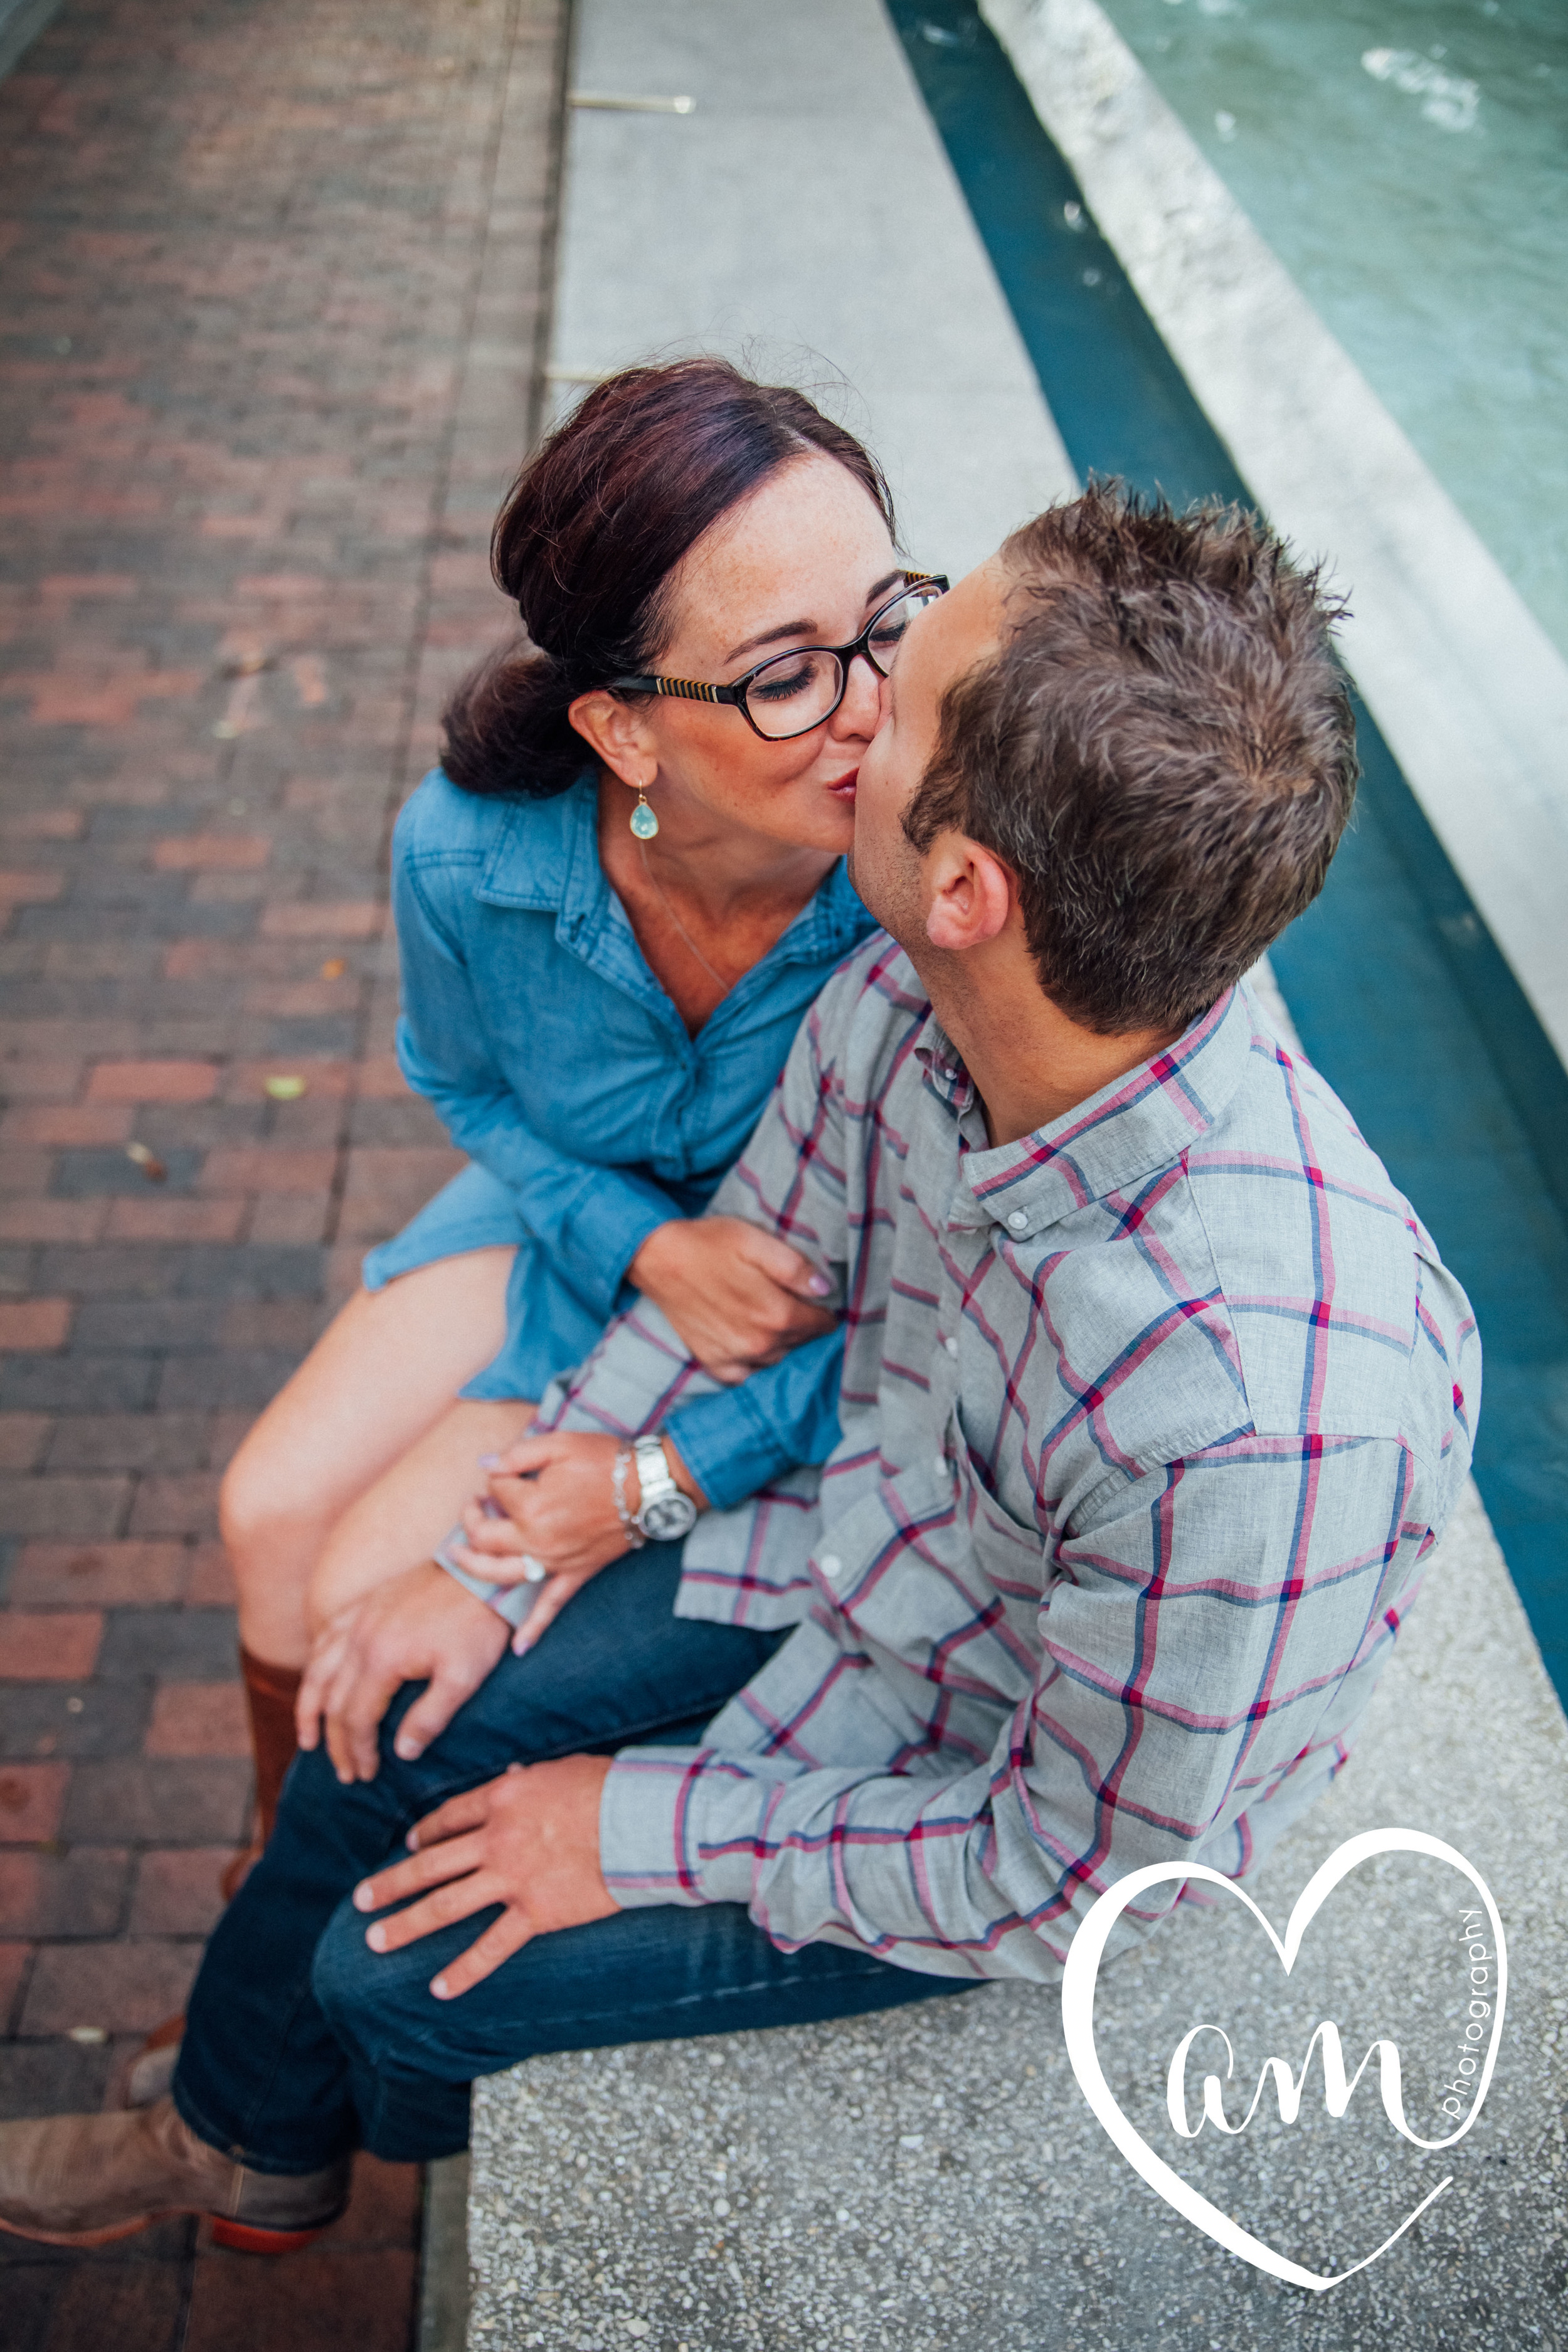 Orlando engagement pictures. Church Street engagement session. Photo by Amanda Mejias Photography: Orlando wedding photographer.